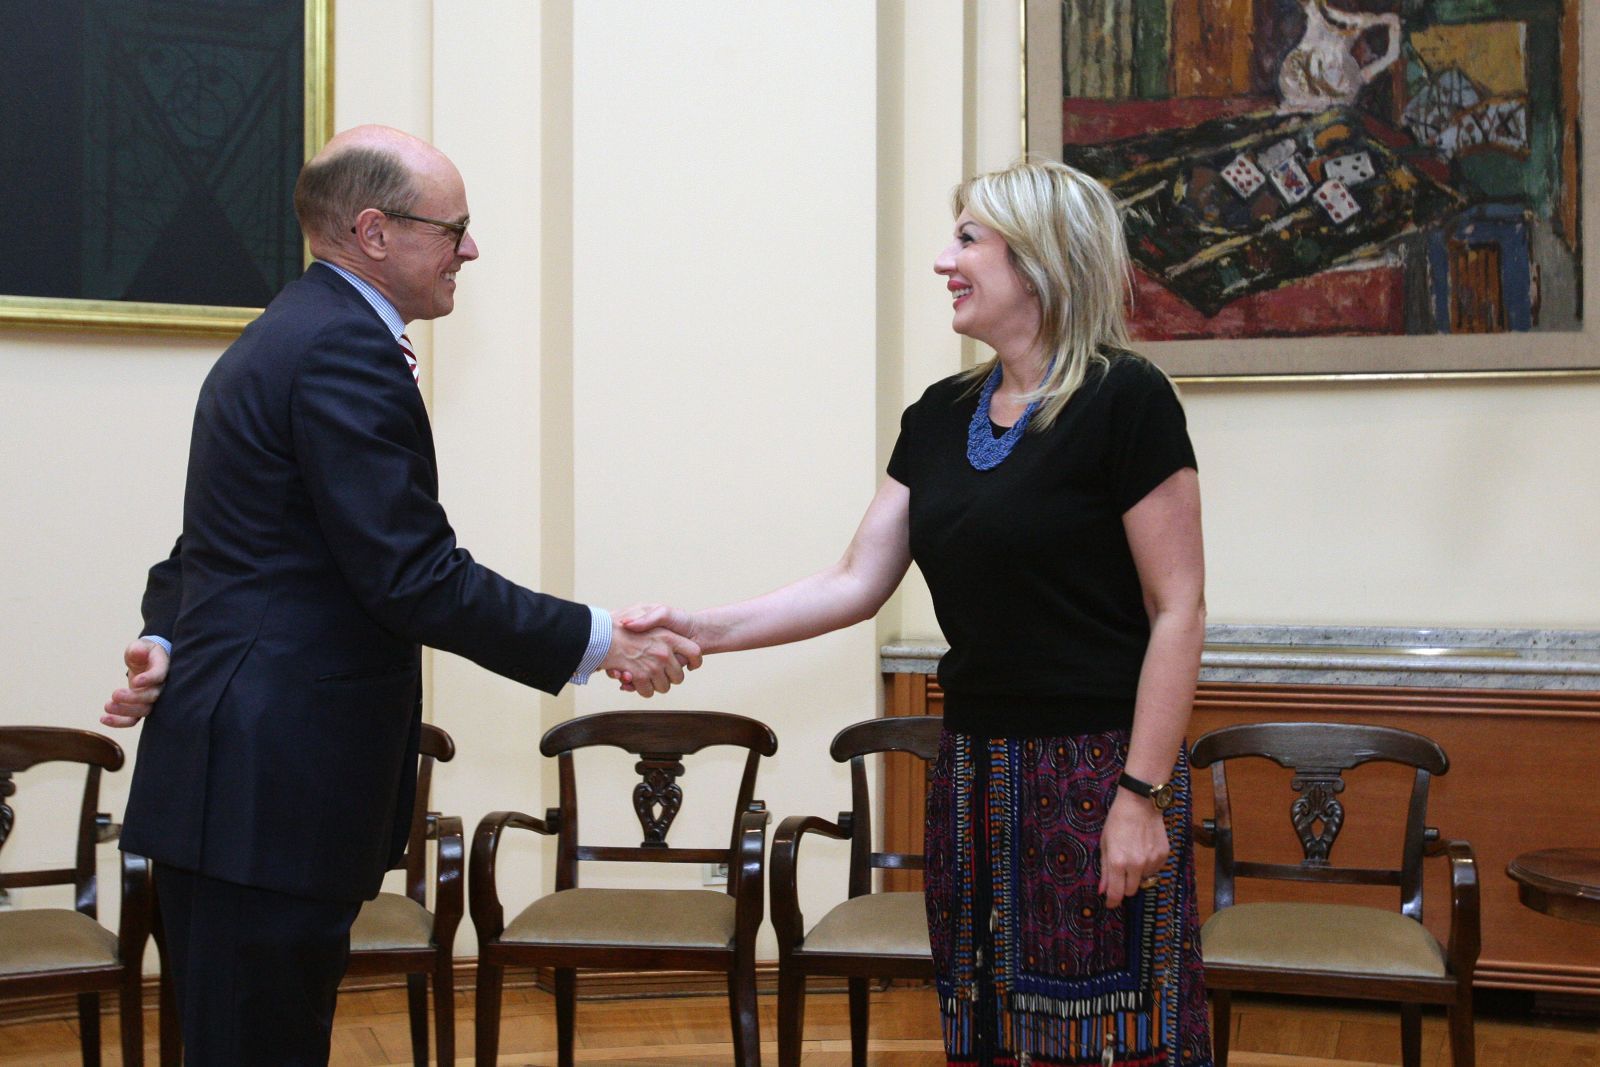 J. Joksimović primila u oproštajnu posetu ambasadora Norveške